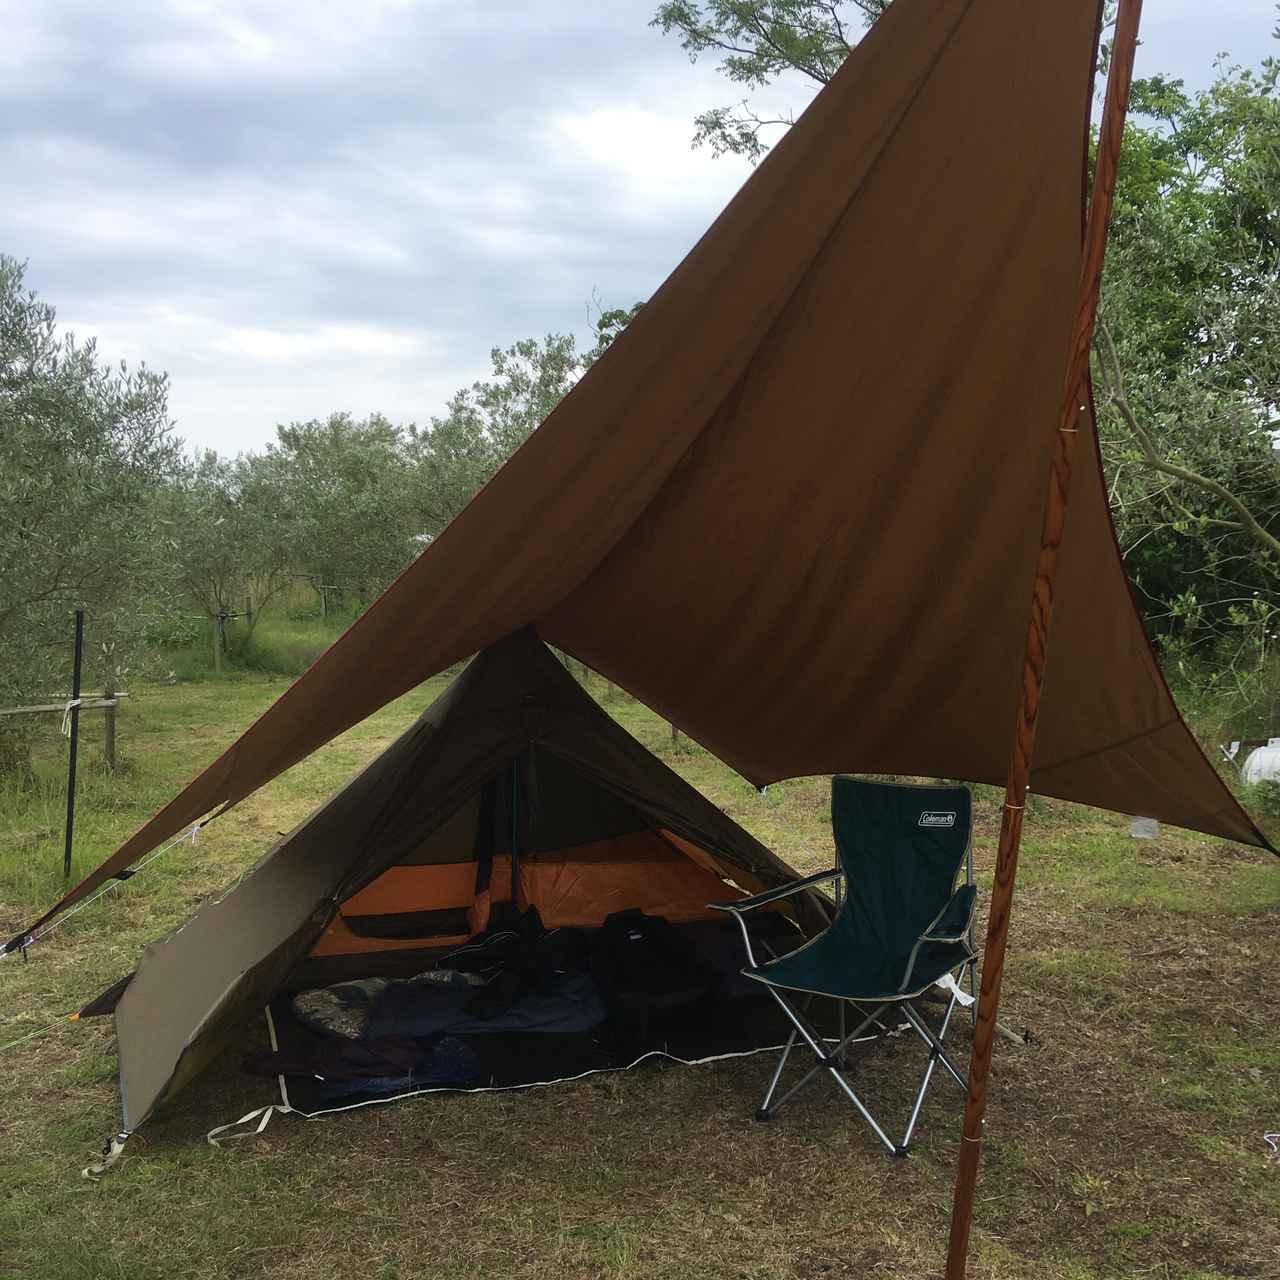 画像1: 【タープ選び方のポイント】ソロキャンプでは不要に感じる? 実は紫外線対策や雨対策に最適なアイテム